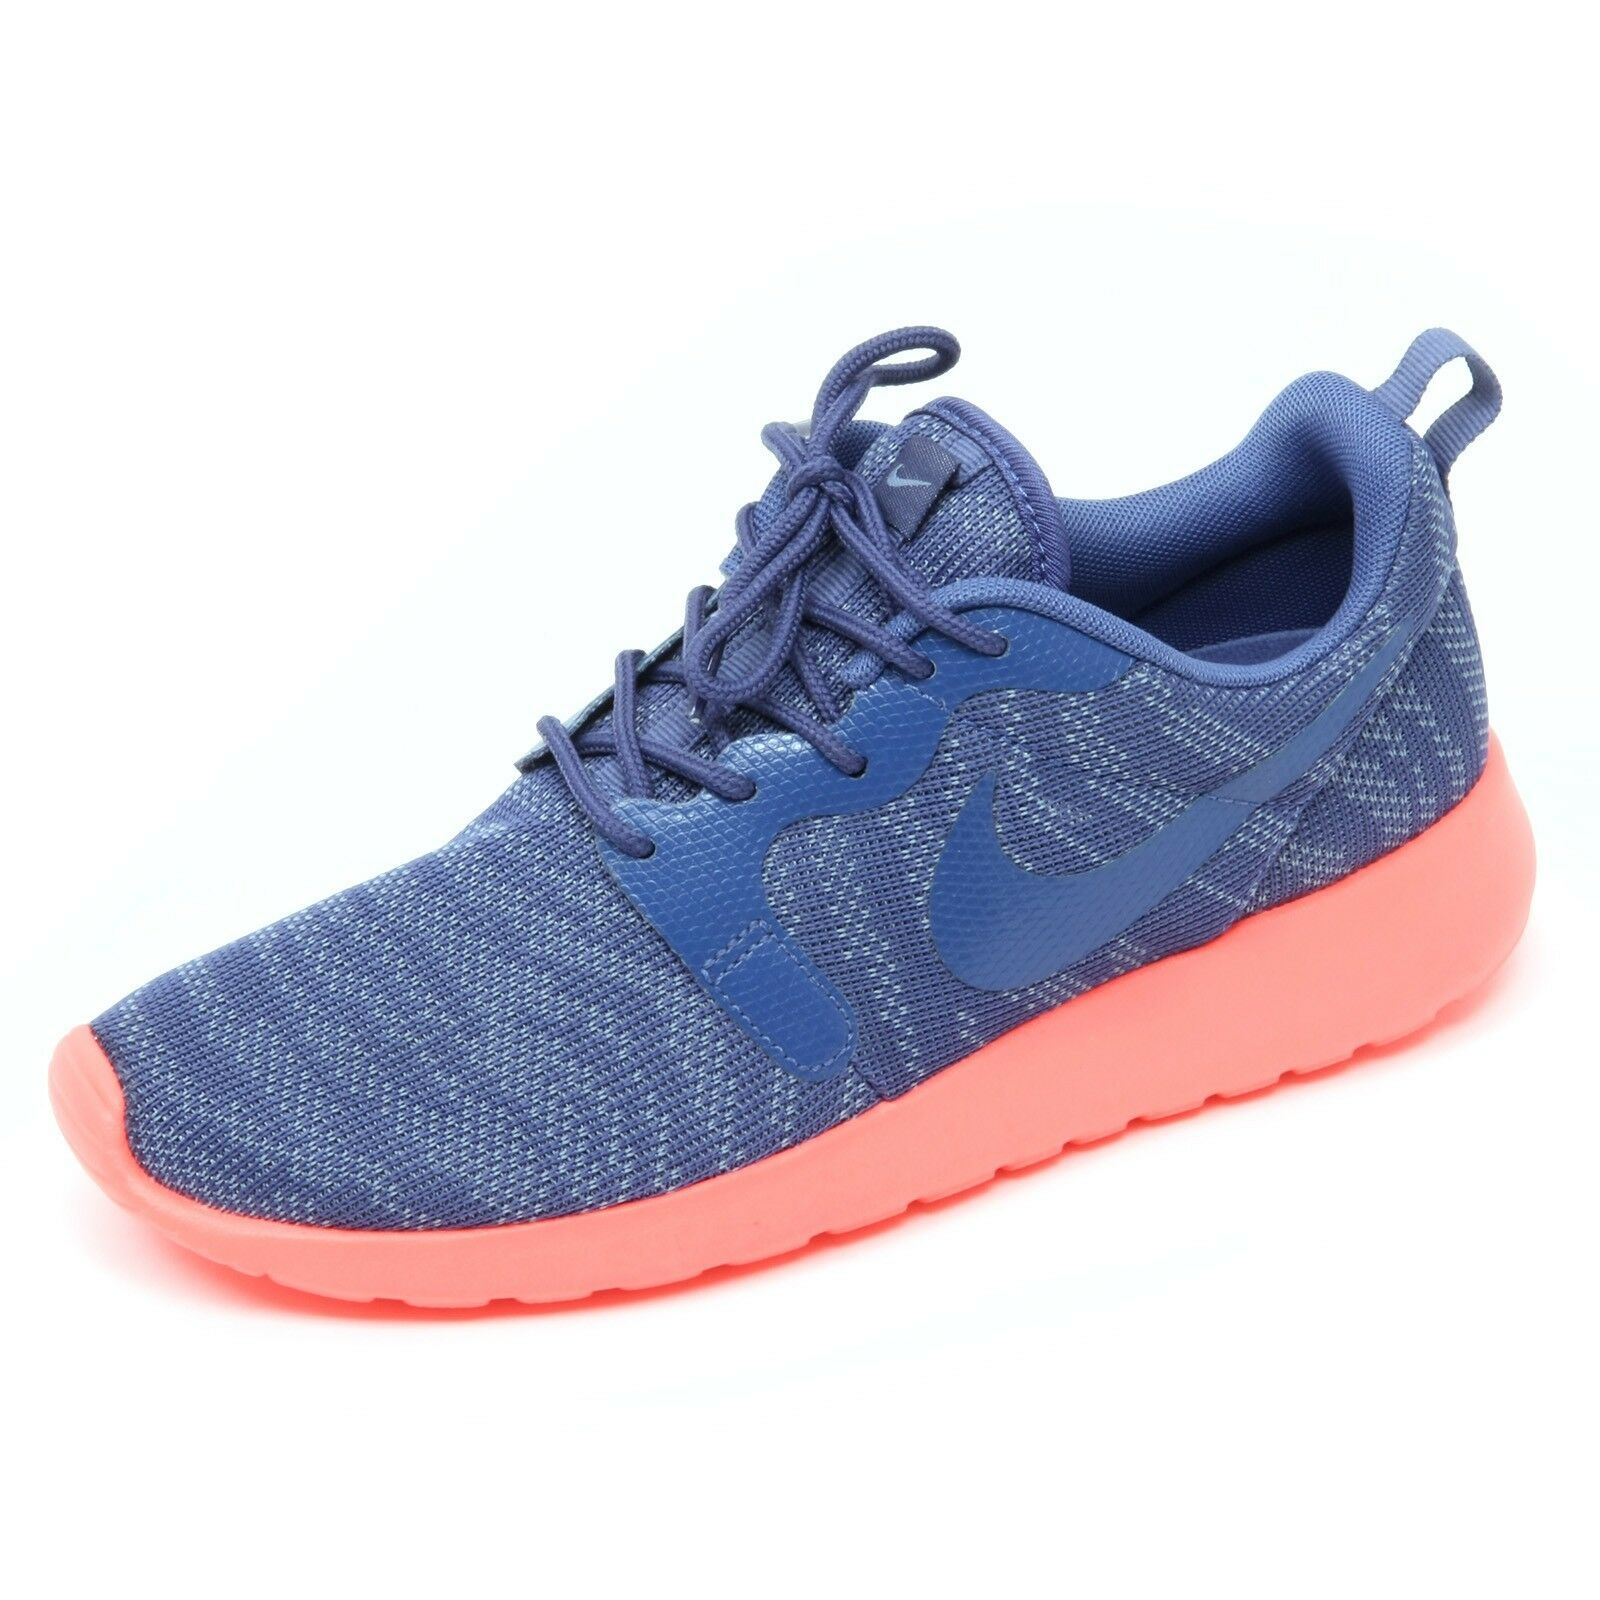 Zapatos promocionales para hombres y mujeres B8741 sneaker donna NIKE ROSHERUN KJCRD scarpa blu/corallo shoe woman